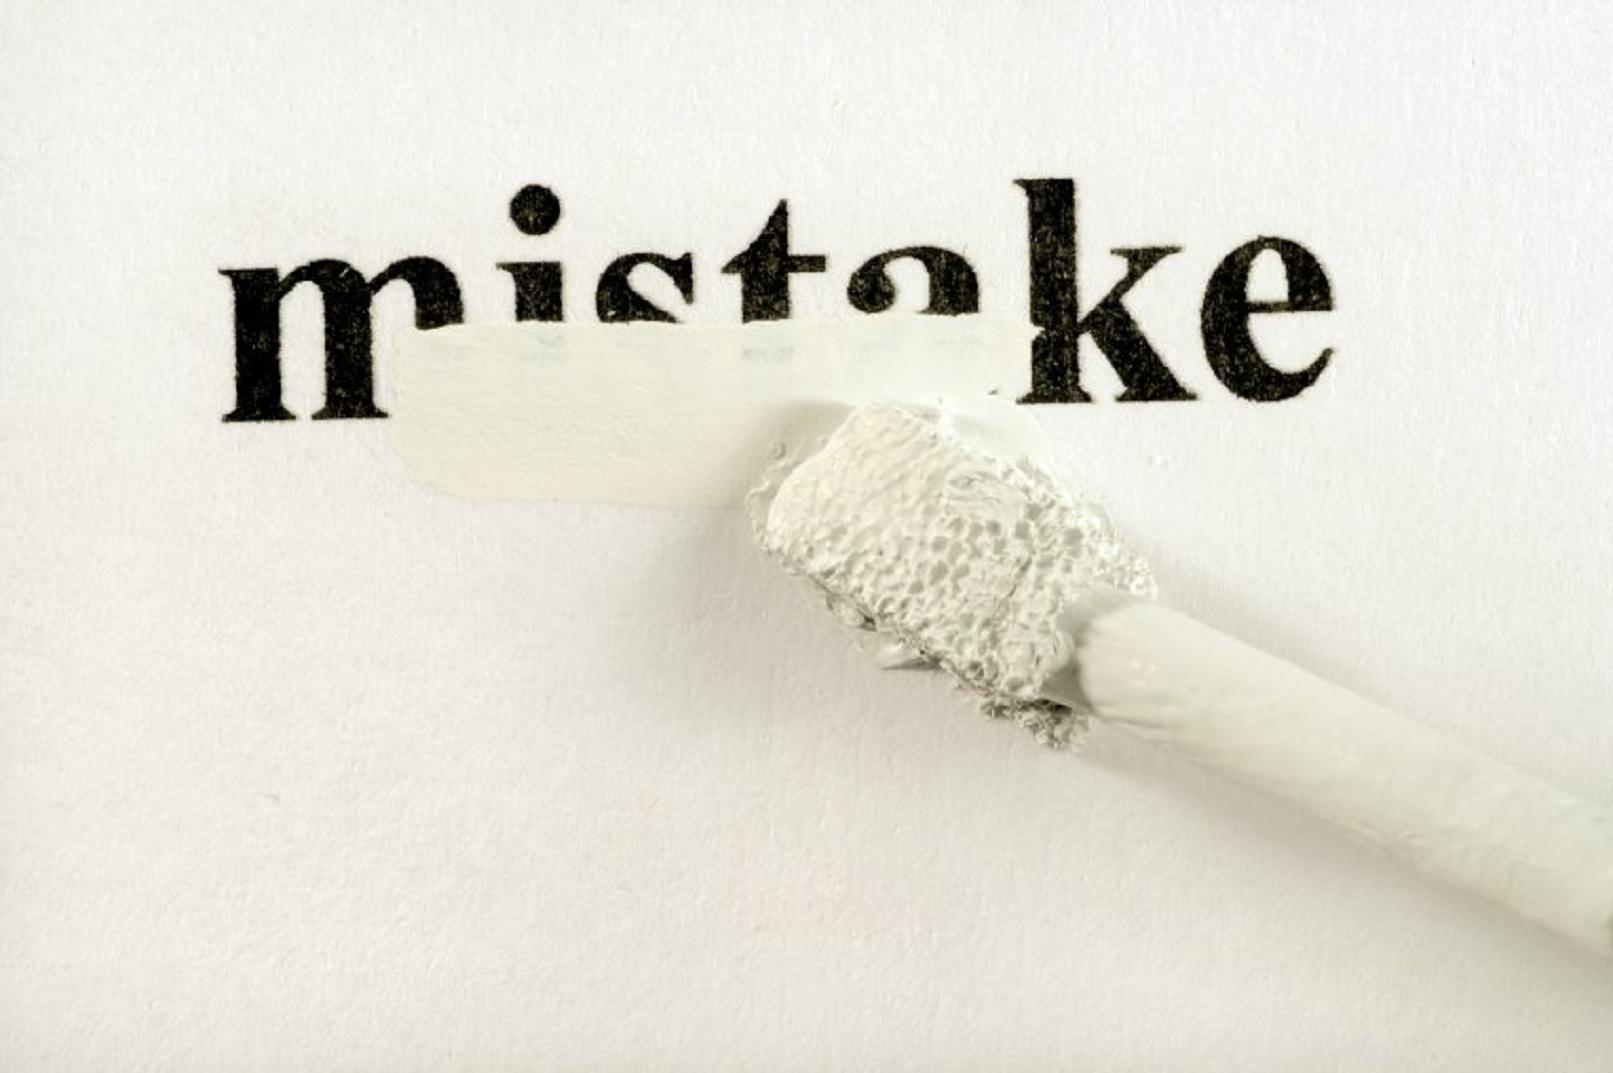 Τά λάθη δροῦν προσθετικά ἤ πολλαπλασιαστικά;